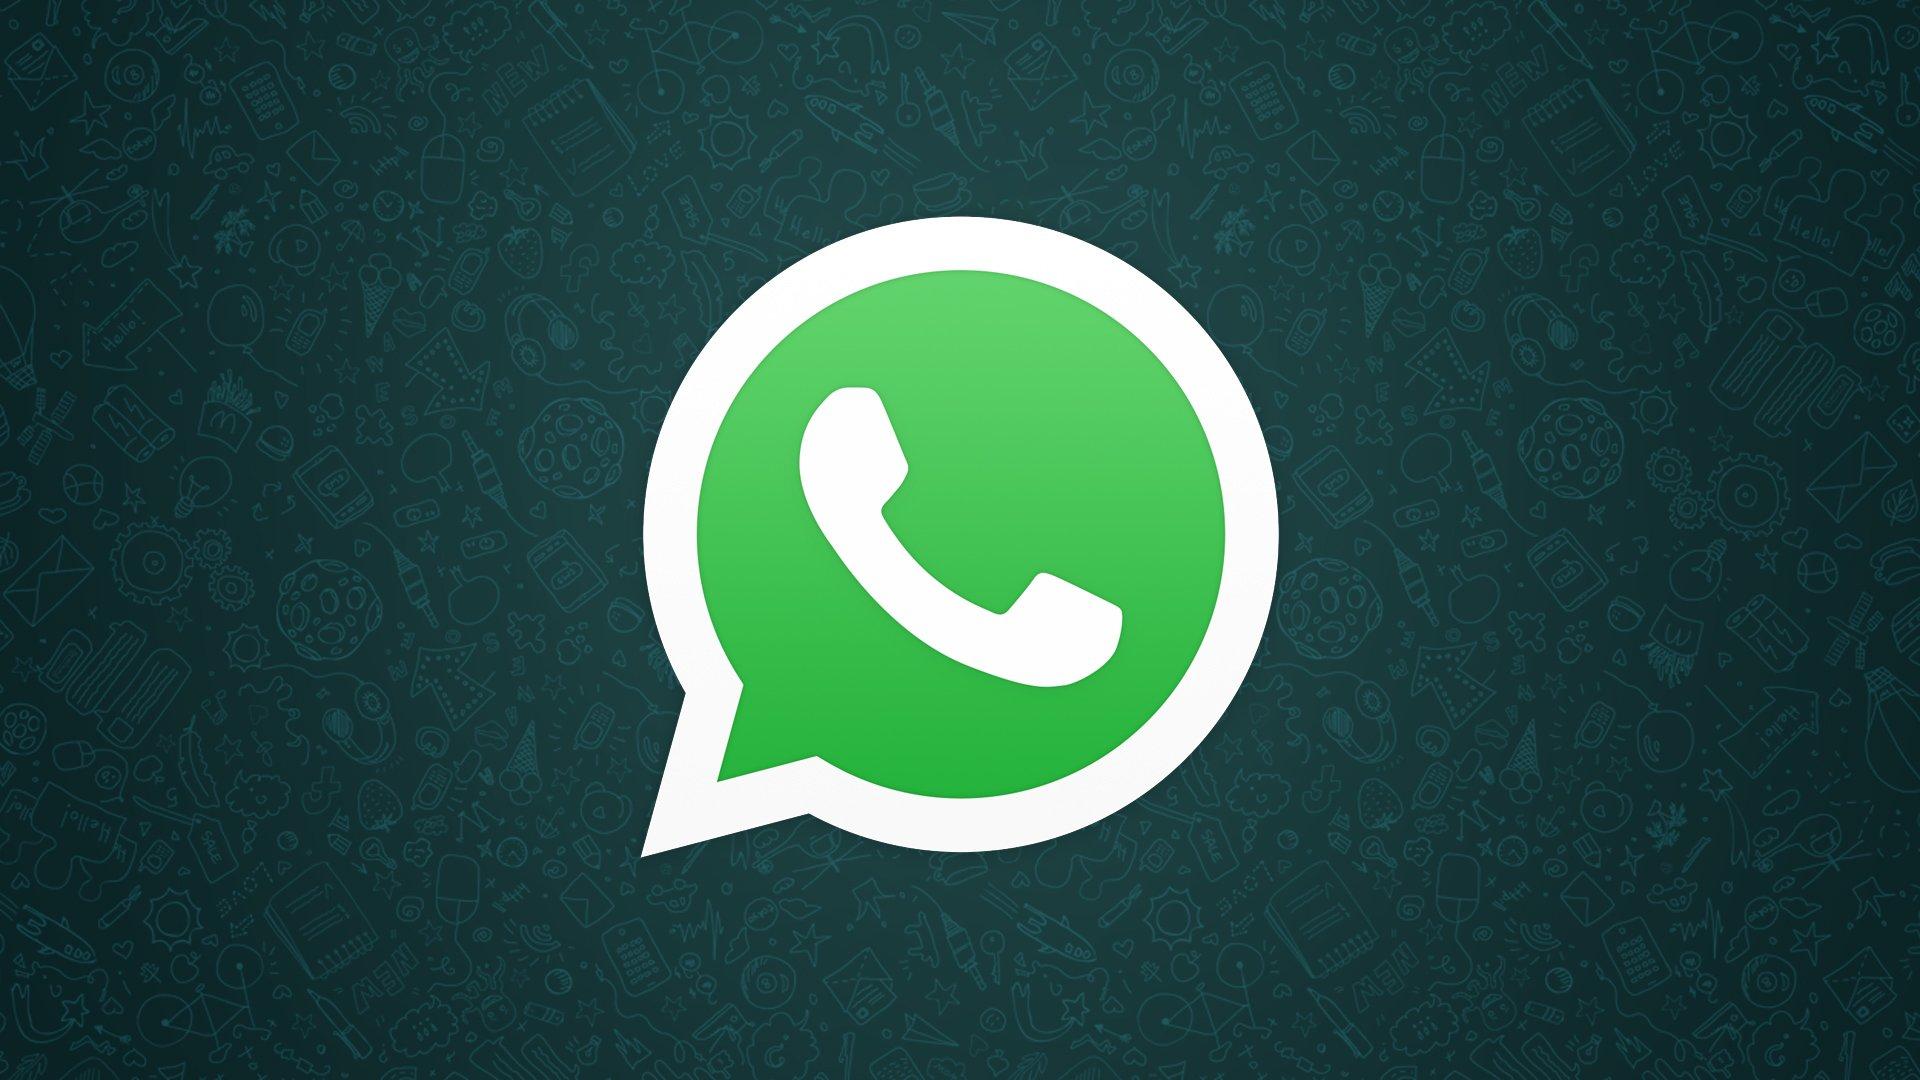 Las Notificaciones De Whatsapp Vuelven A Funcionar En Nougat